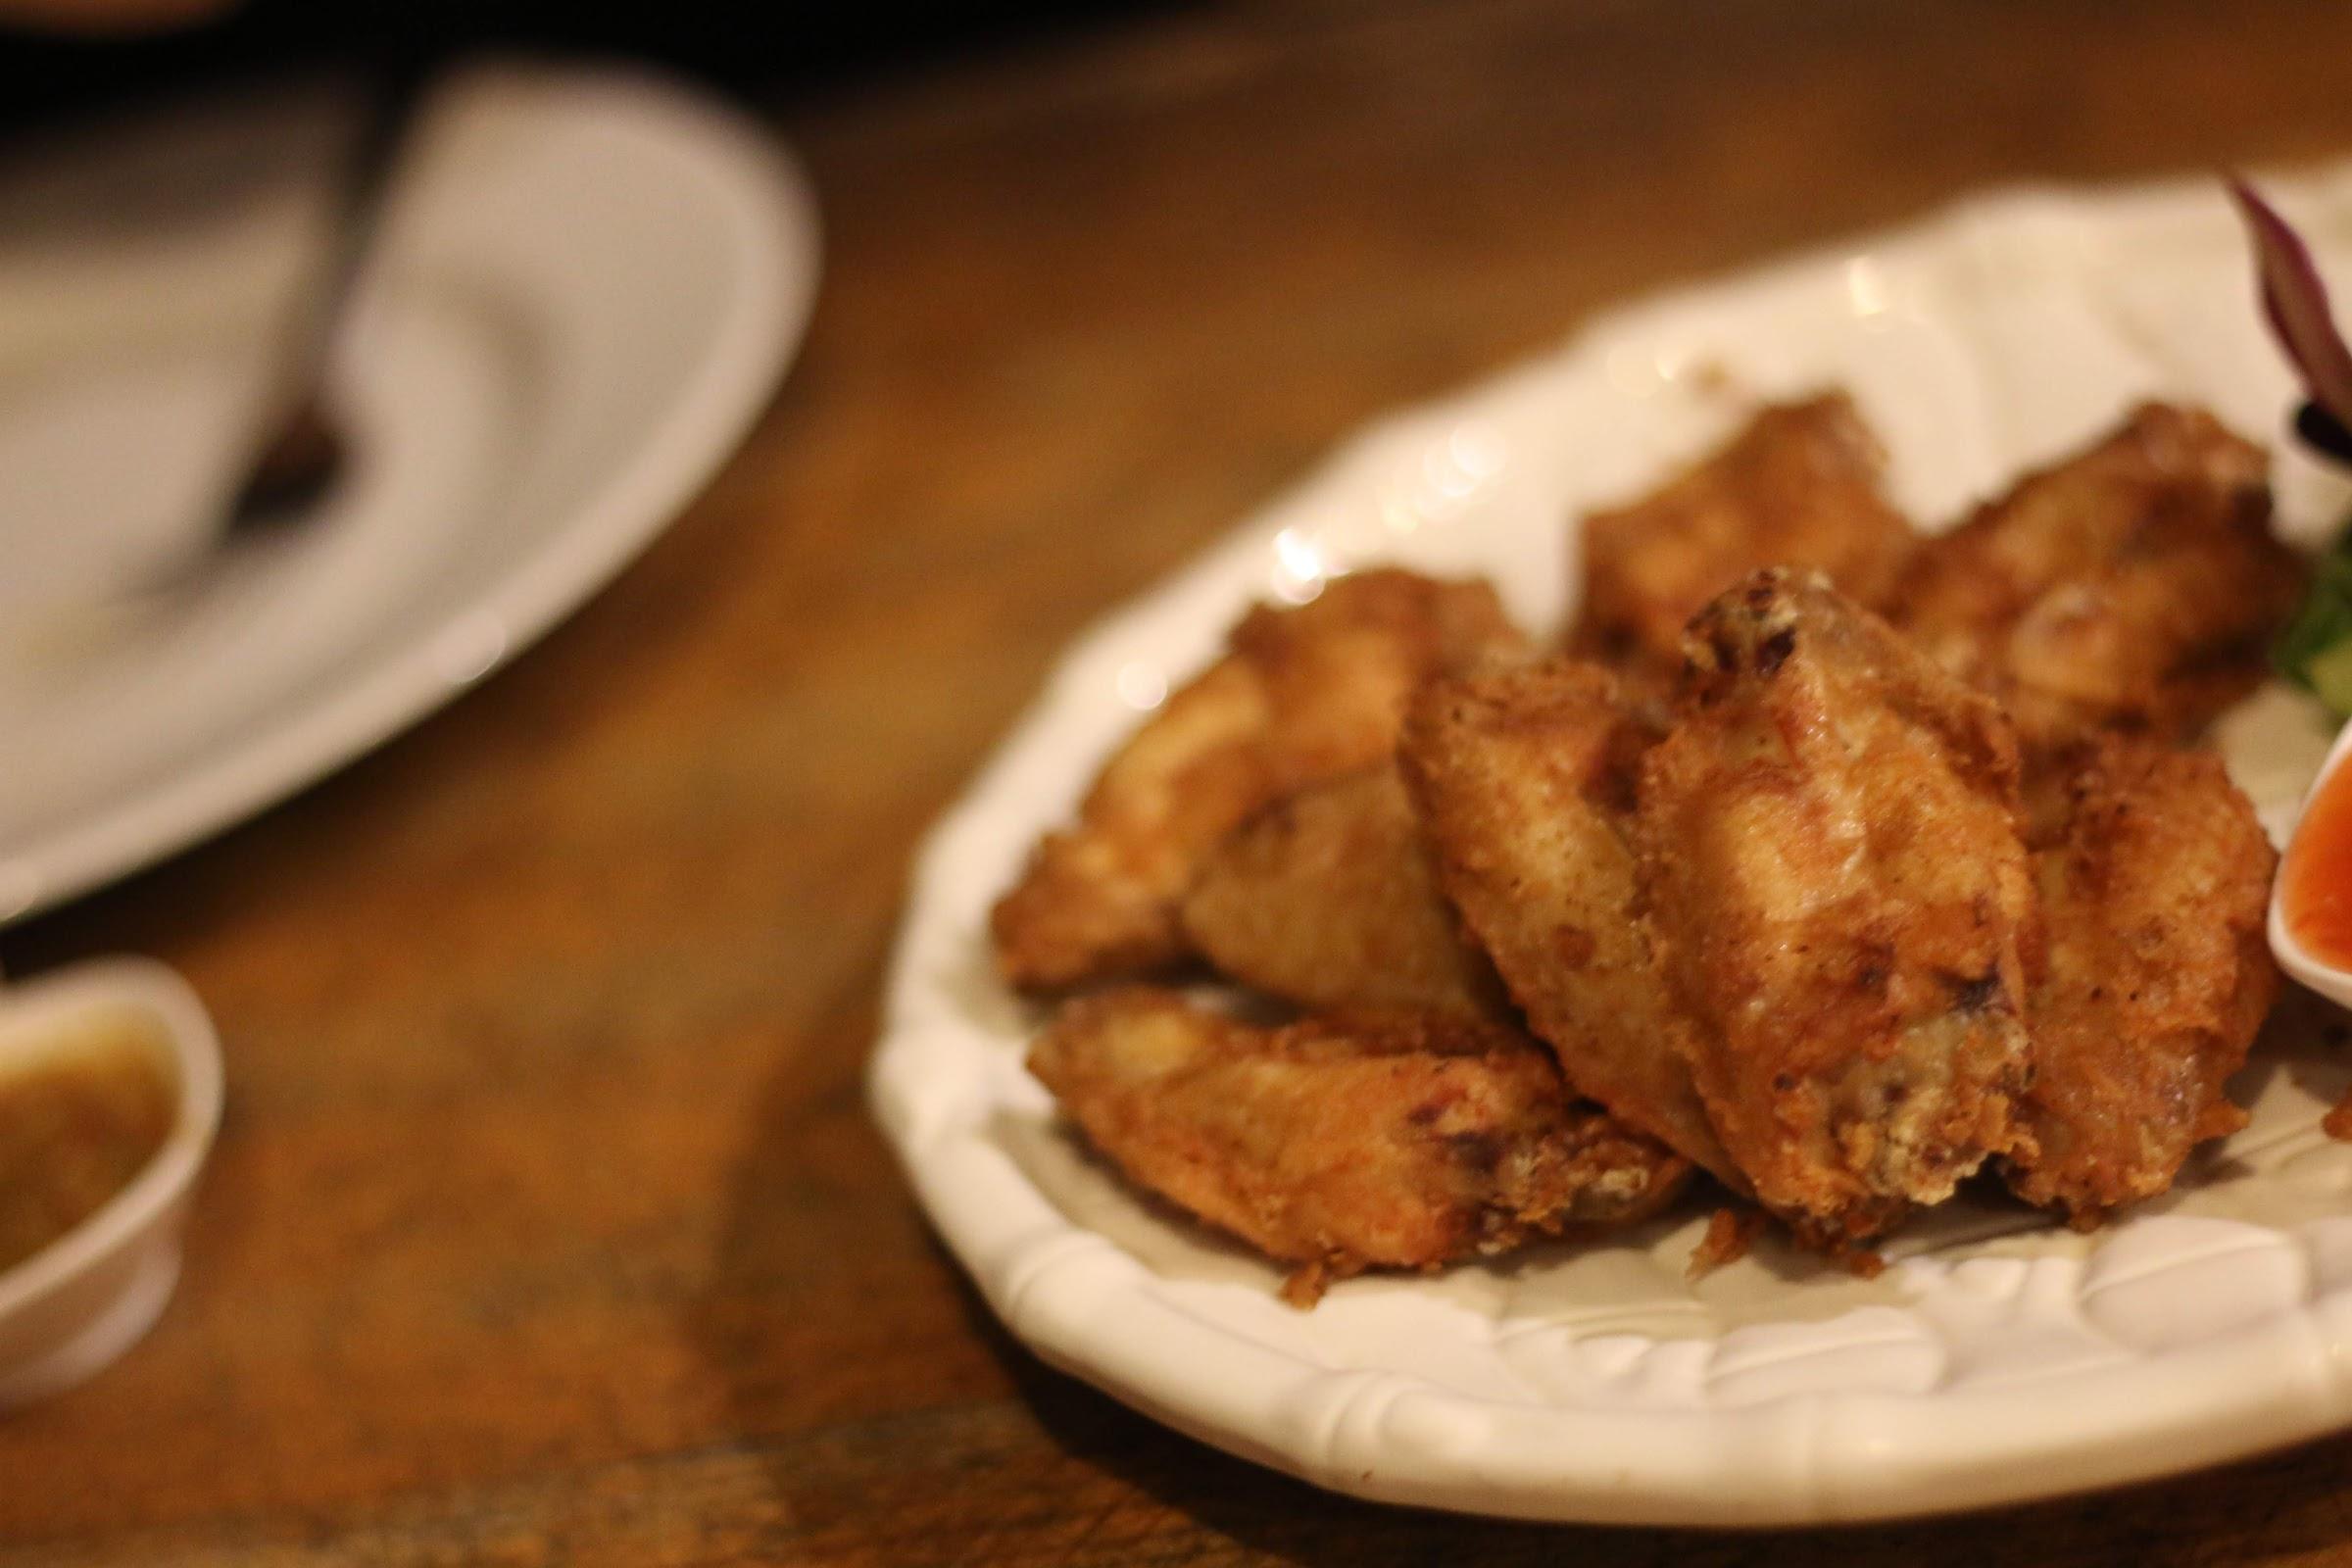 ไก่ทอดน้ำปลา - นุชชี่ซีฟู๊ด